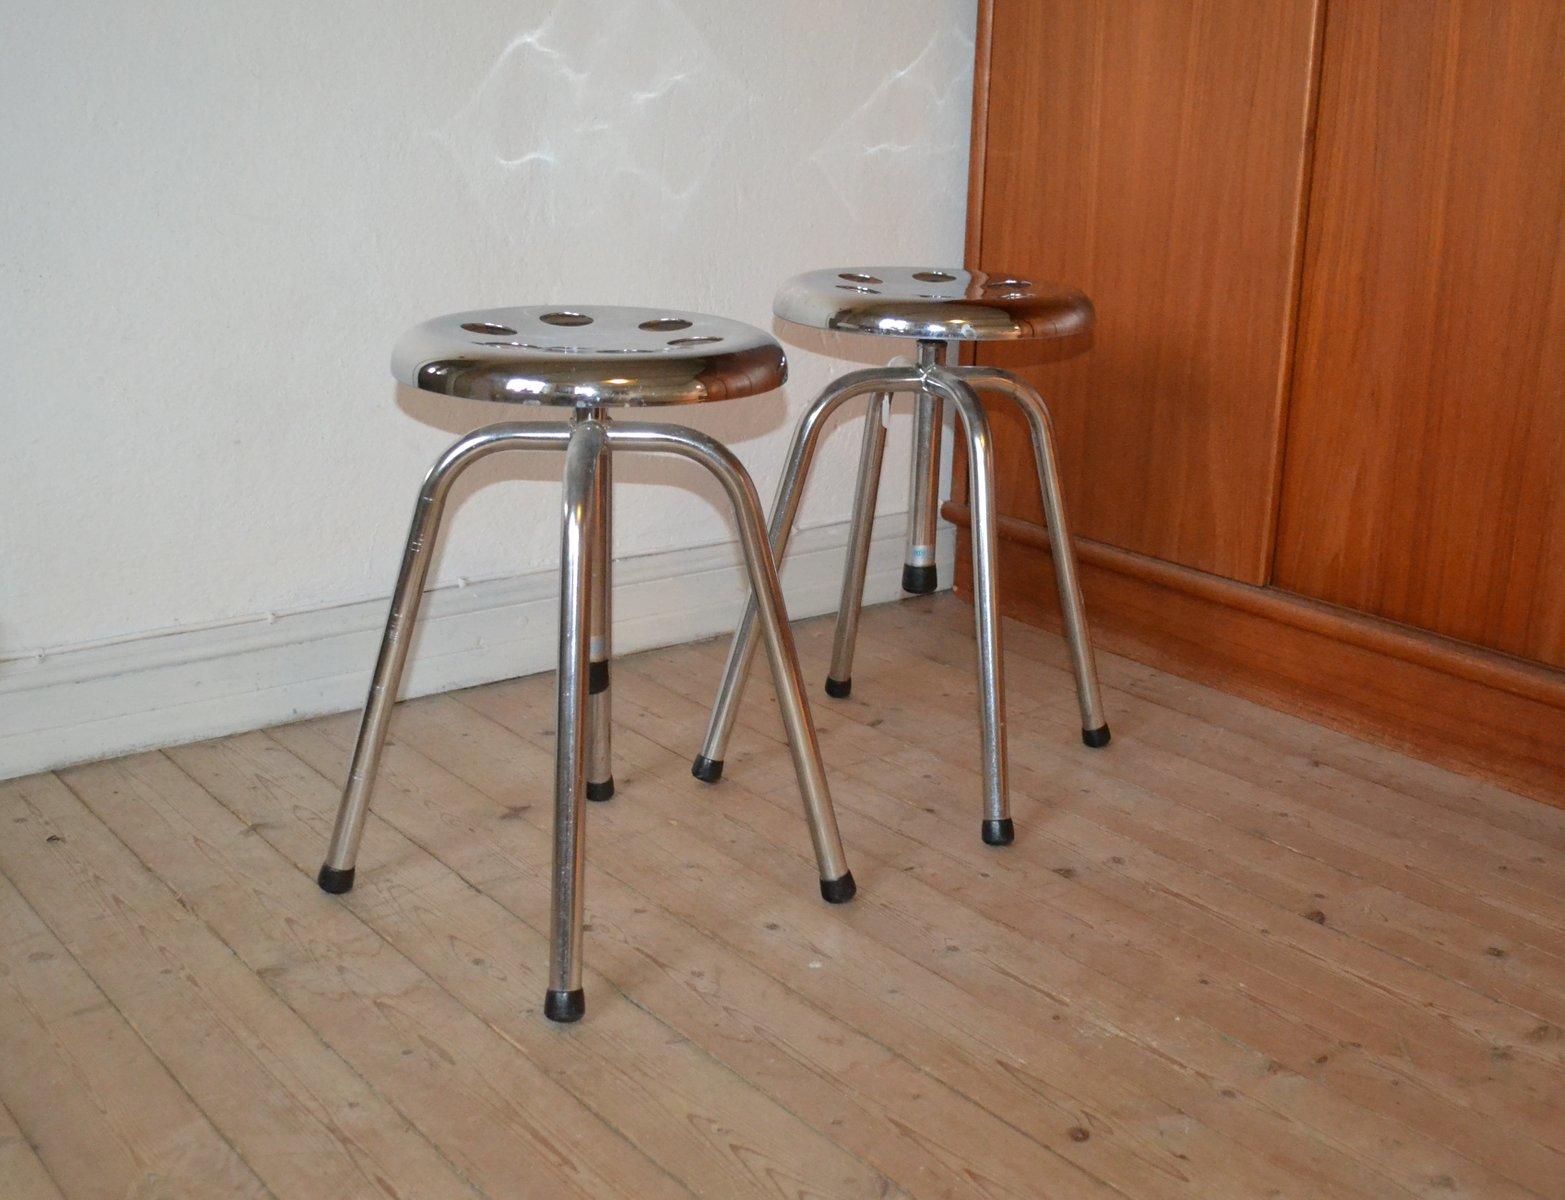 Sgabelli vintage in metallo 1965 set di 2 in vendita su pamono